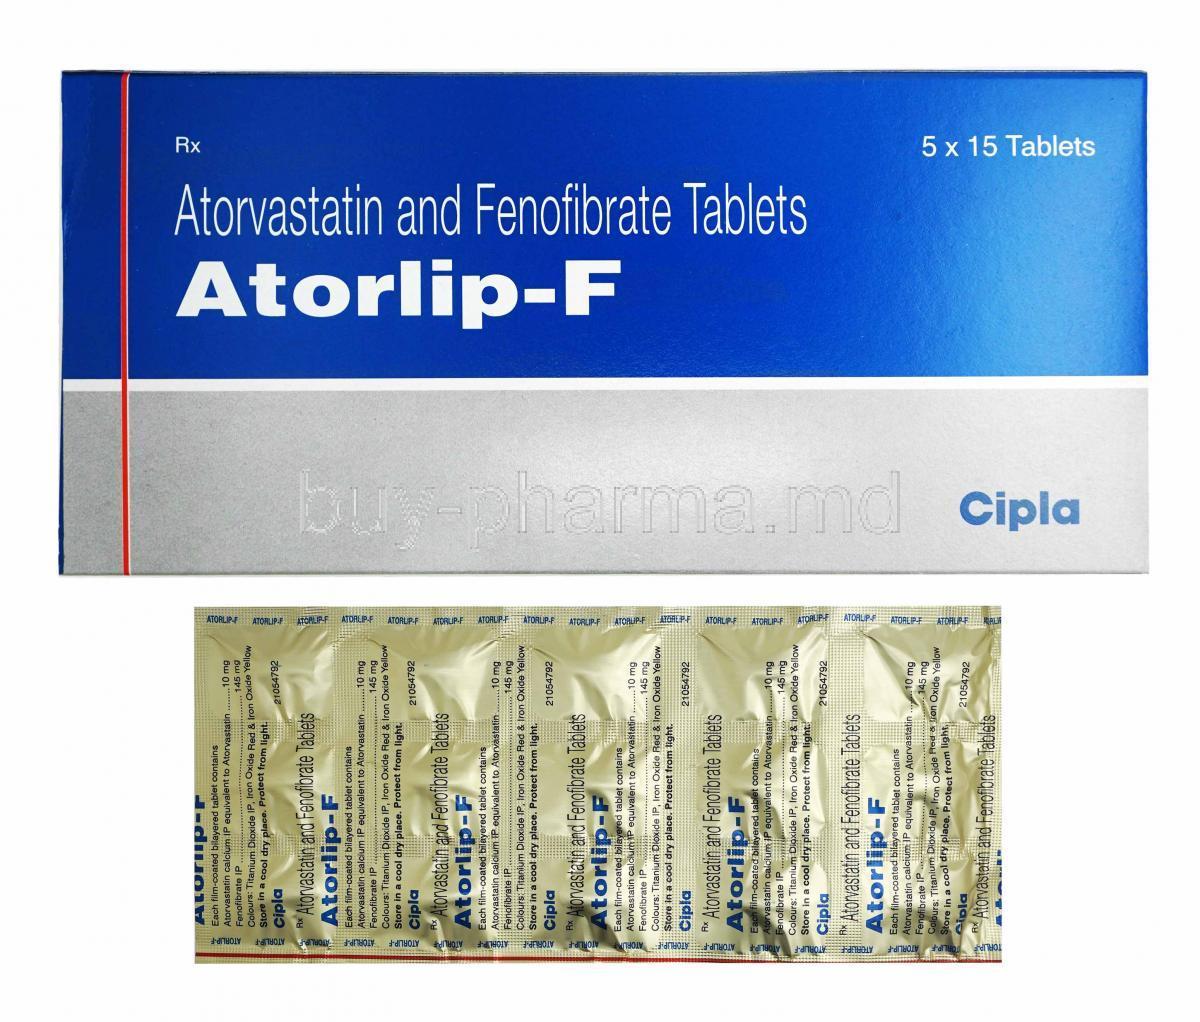 Free viagra sample pack online